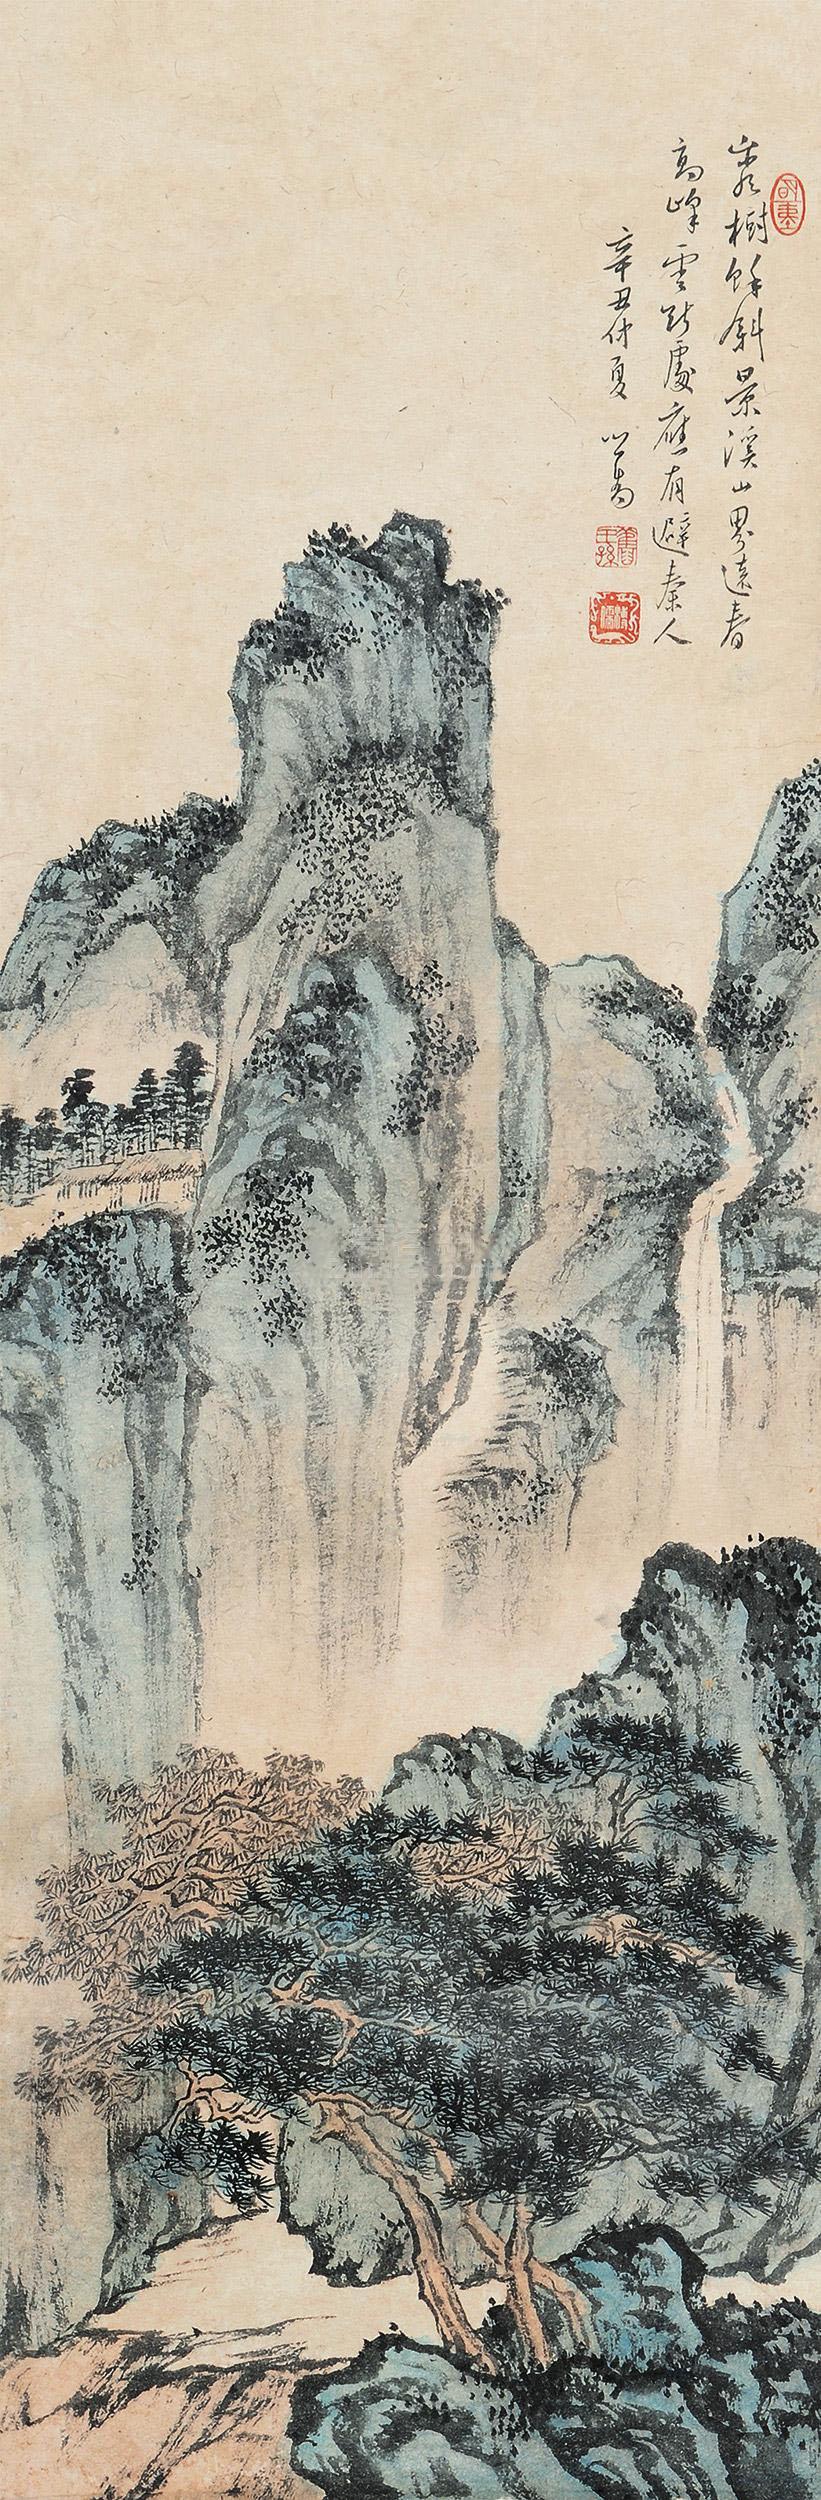 溥儒 溪山幽居 立轴 设色纸本作品欣赏